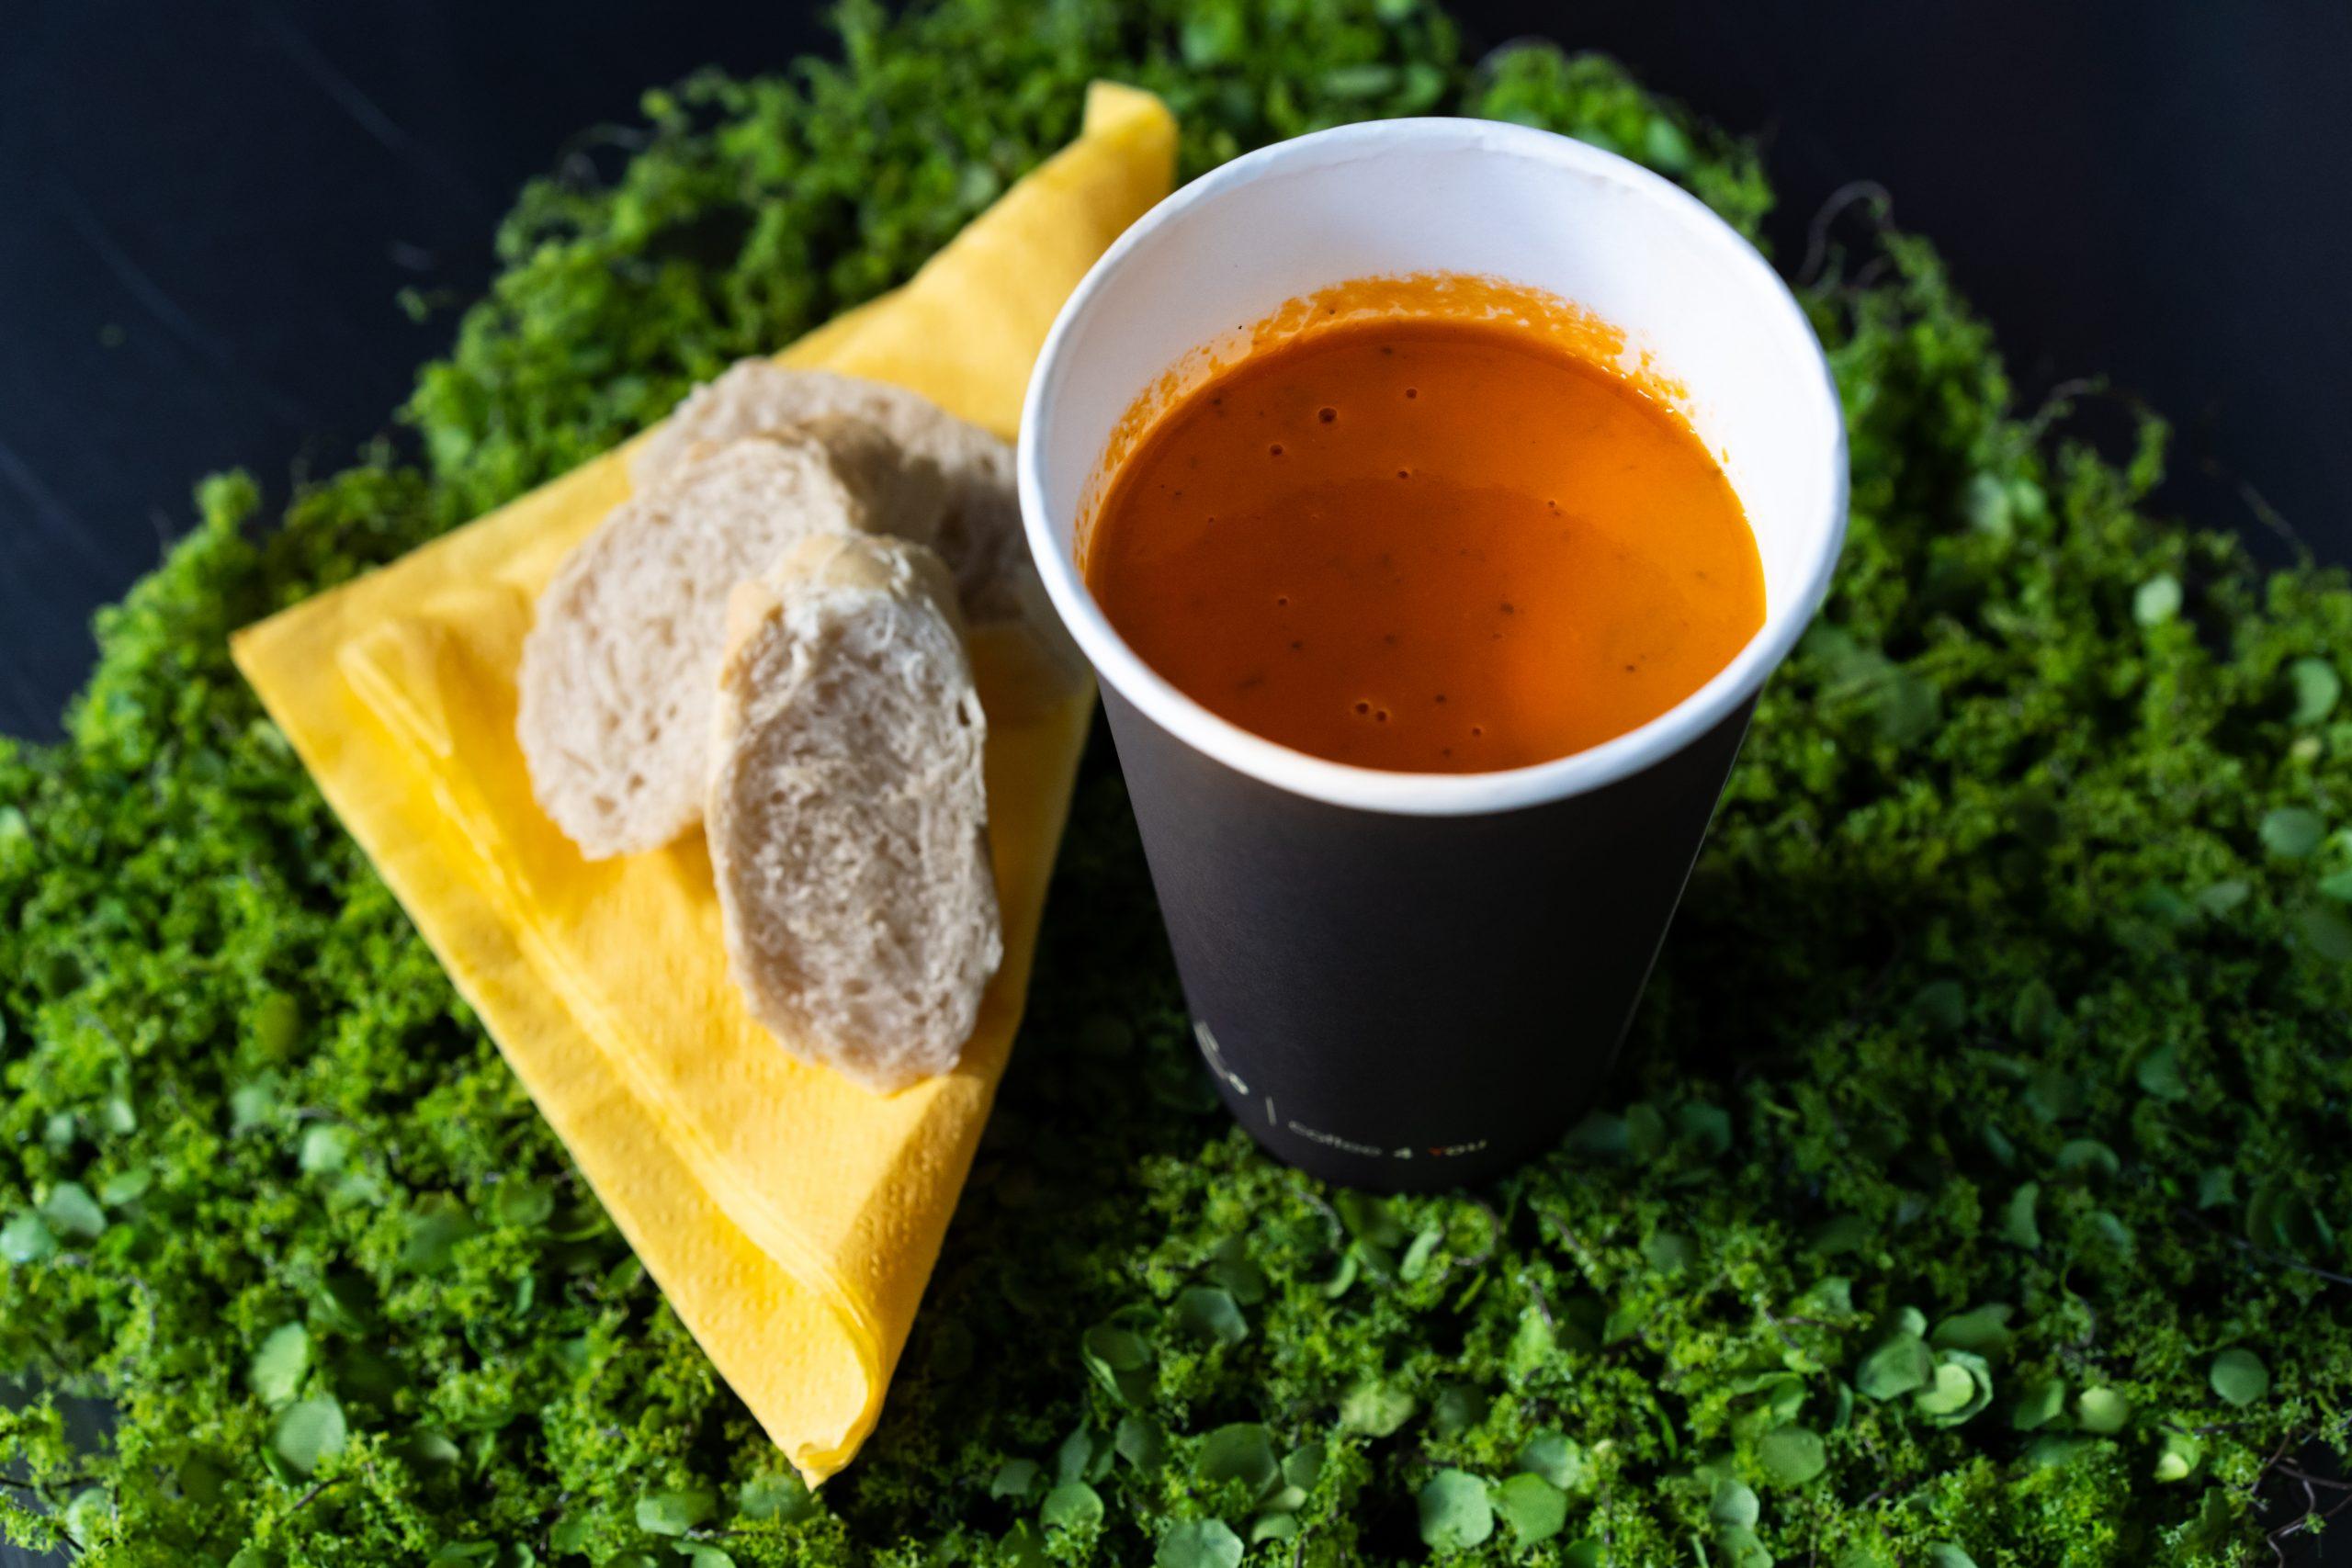 na zdjeciu zupa krem w papierowym kubku , żółta serwetka i dwa kawałki białej bagietki